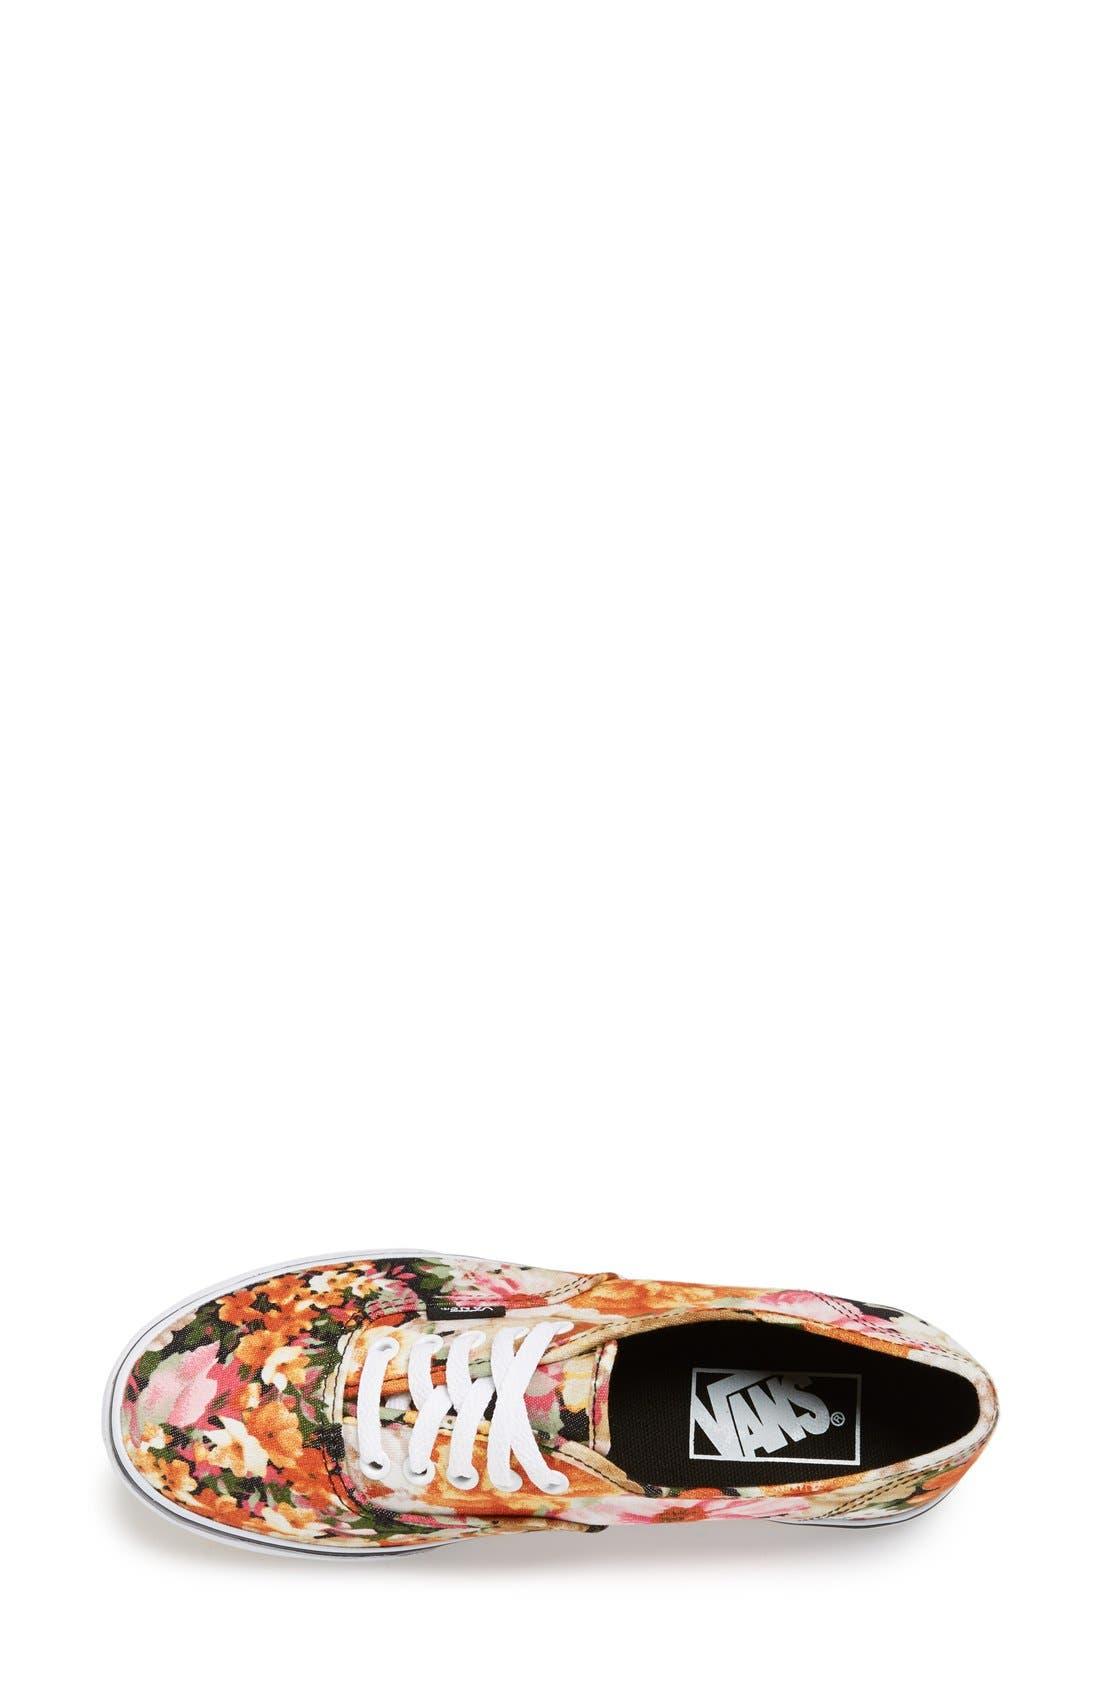 Alternate Image 3  - Vans 'Authentic Lo Pro - Floral' Sneaker (Women)